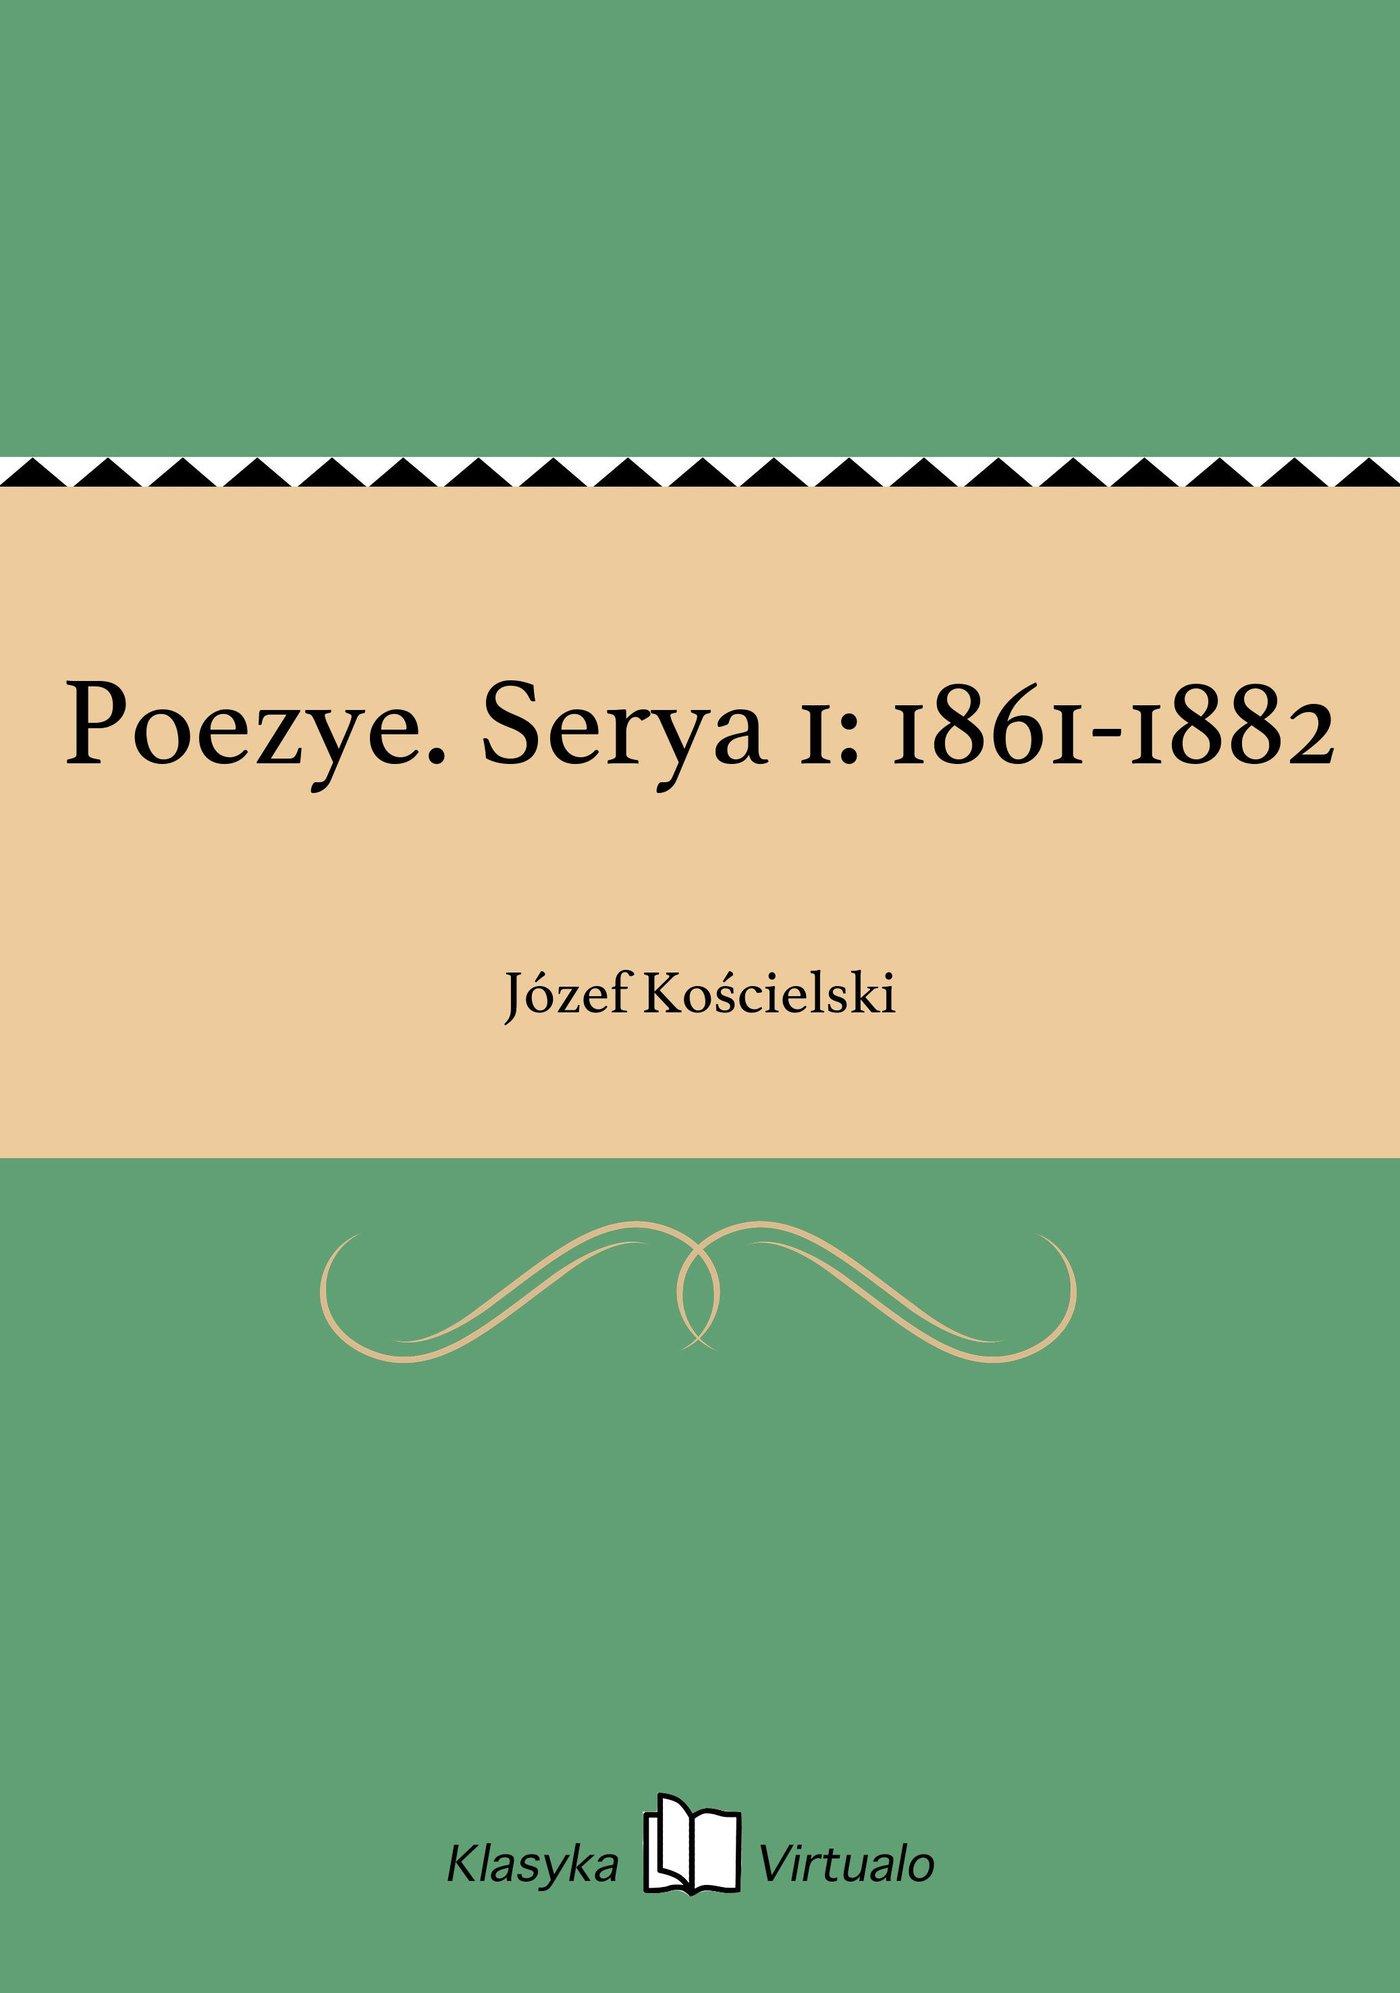 Poezye. Serya 1: 1861-1882 - Ebook (Książka na Kindle) do pobrania w formacie MOBI